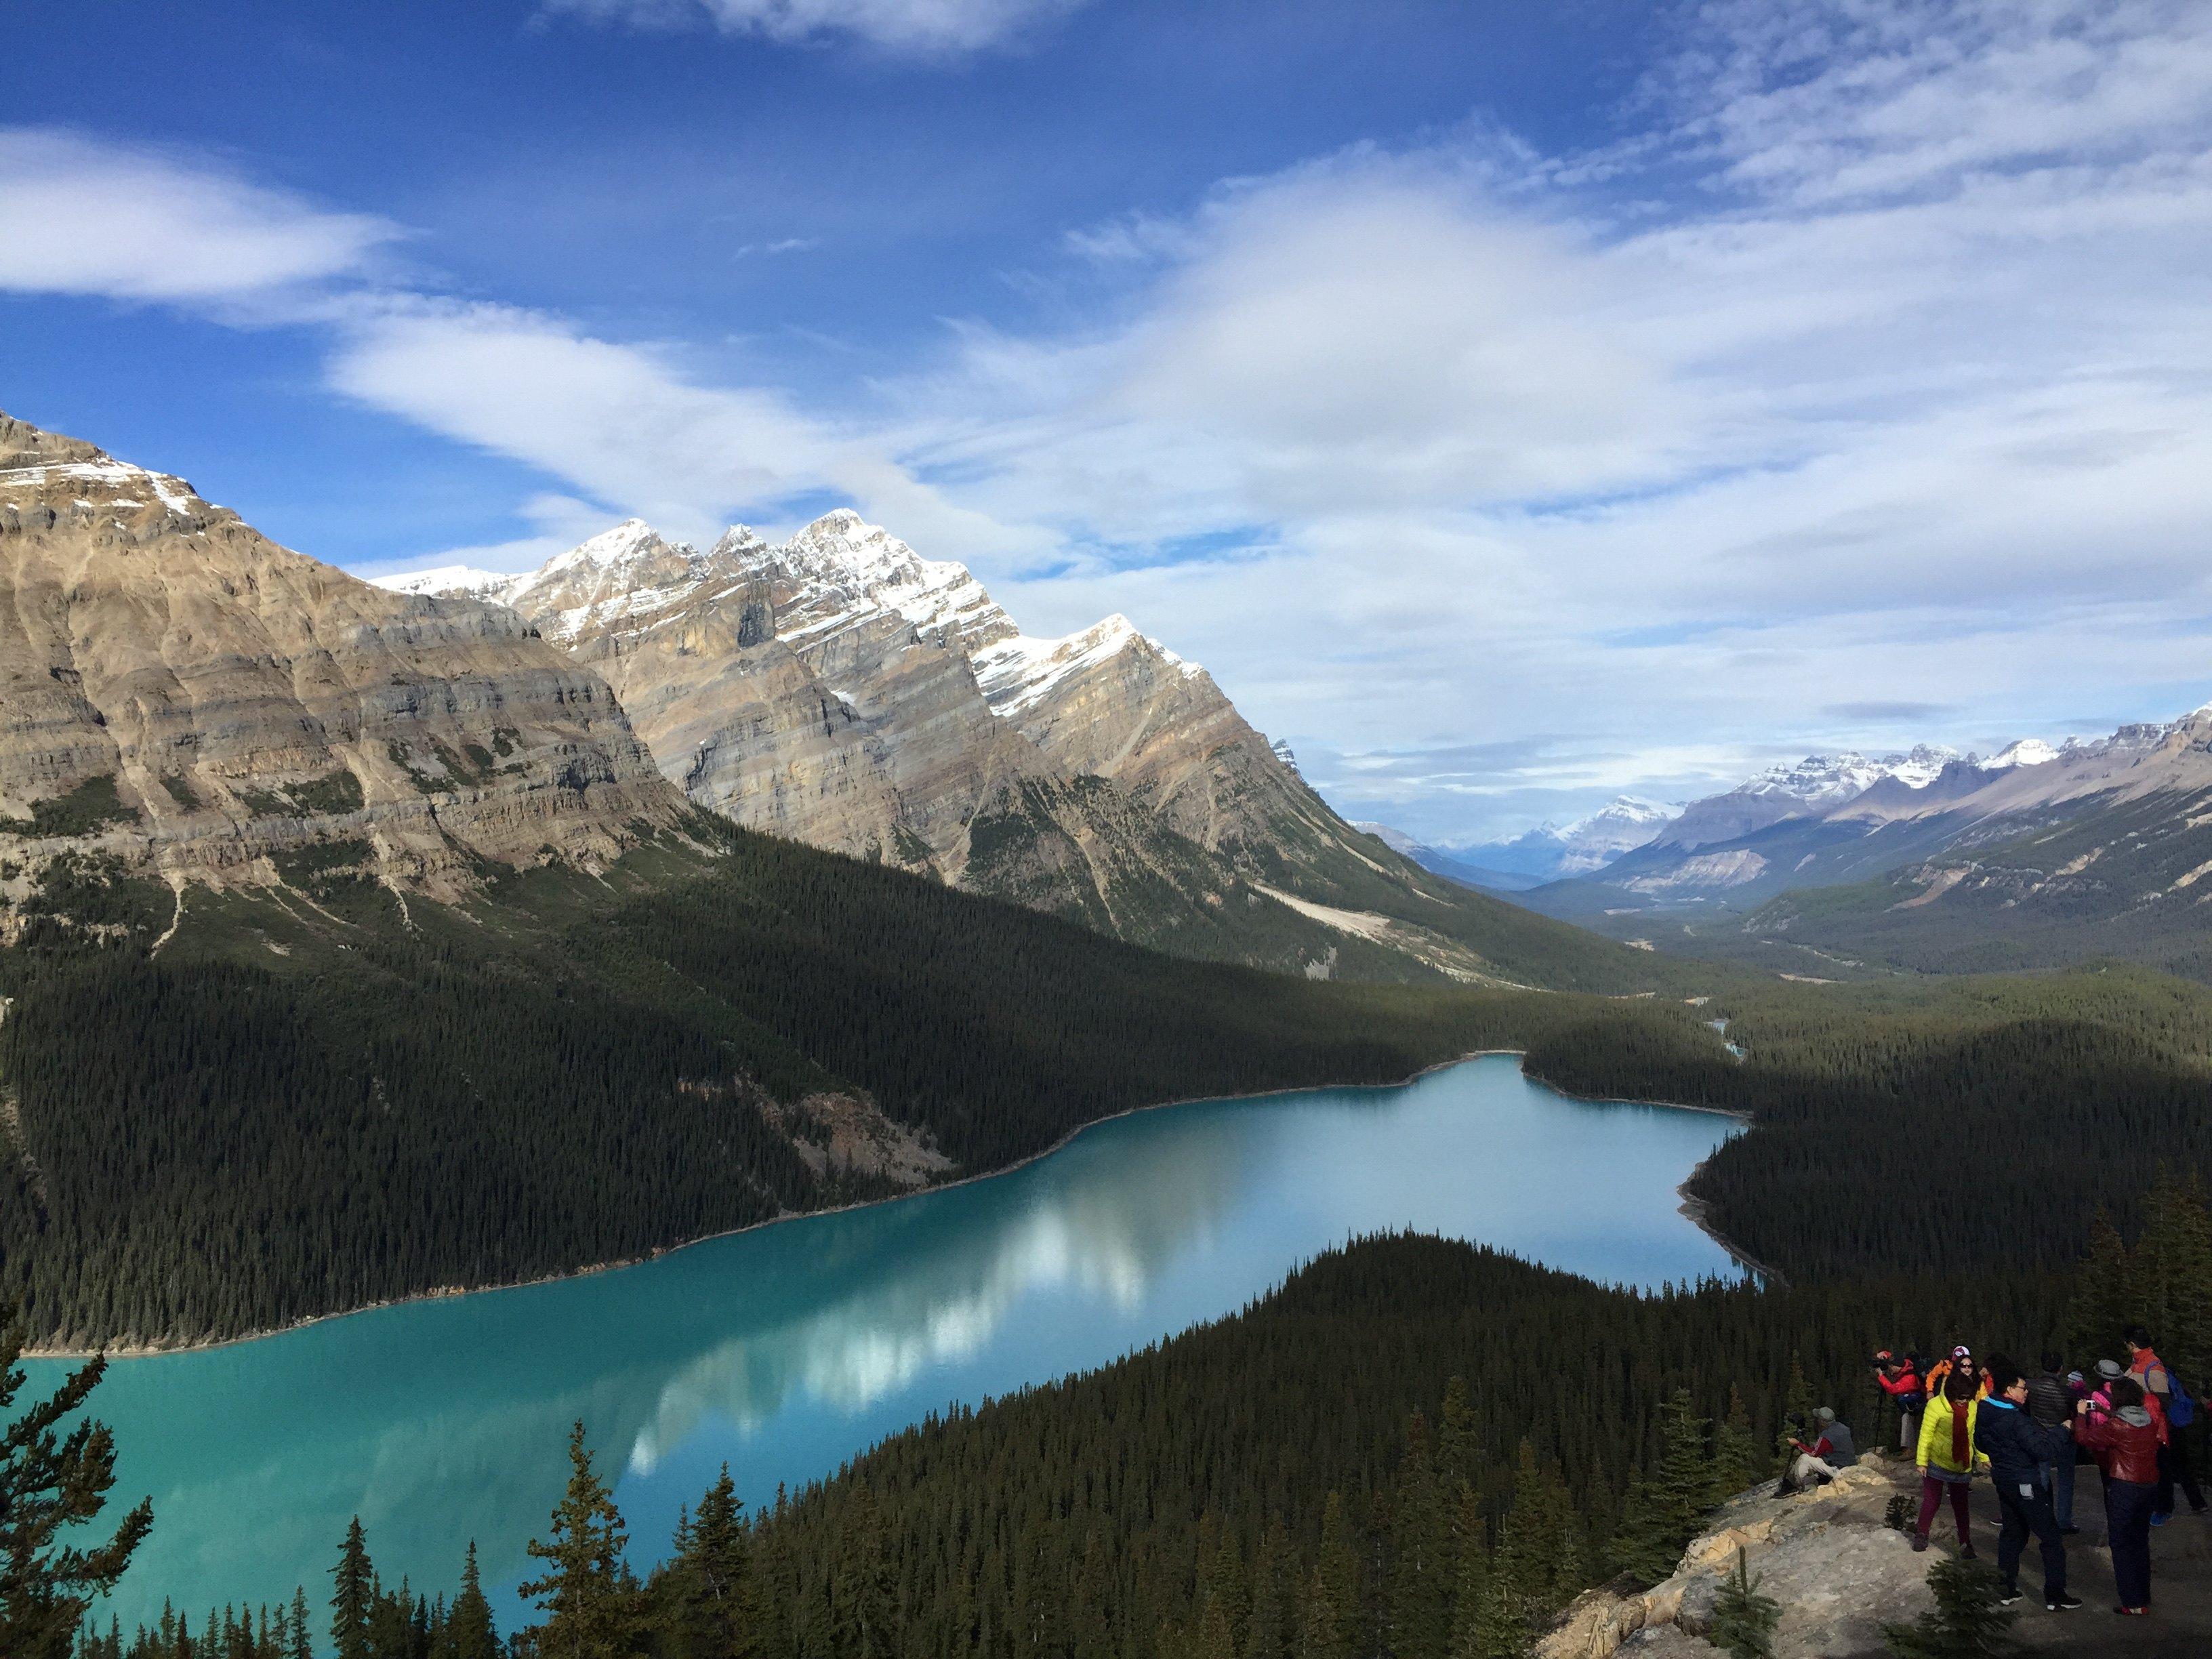 加拿大国旗-Peyto湖图片